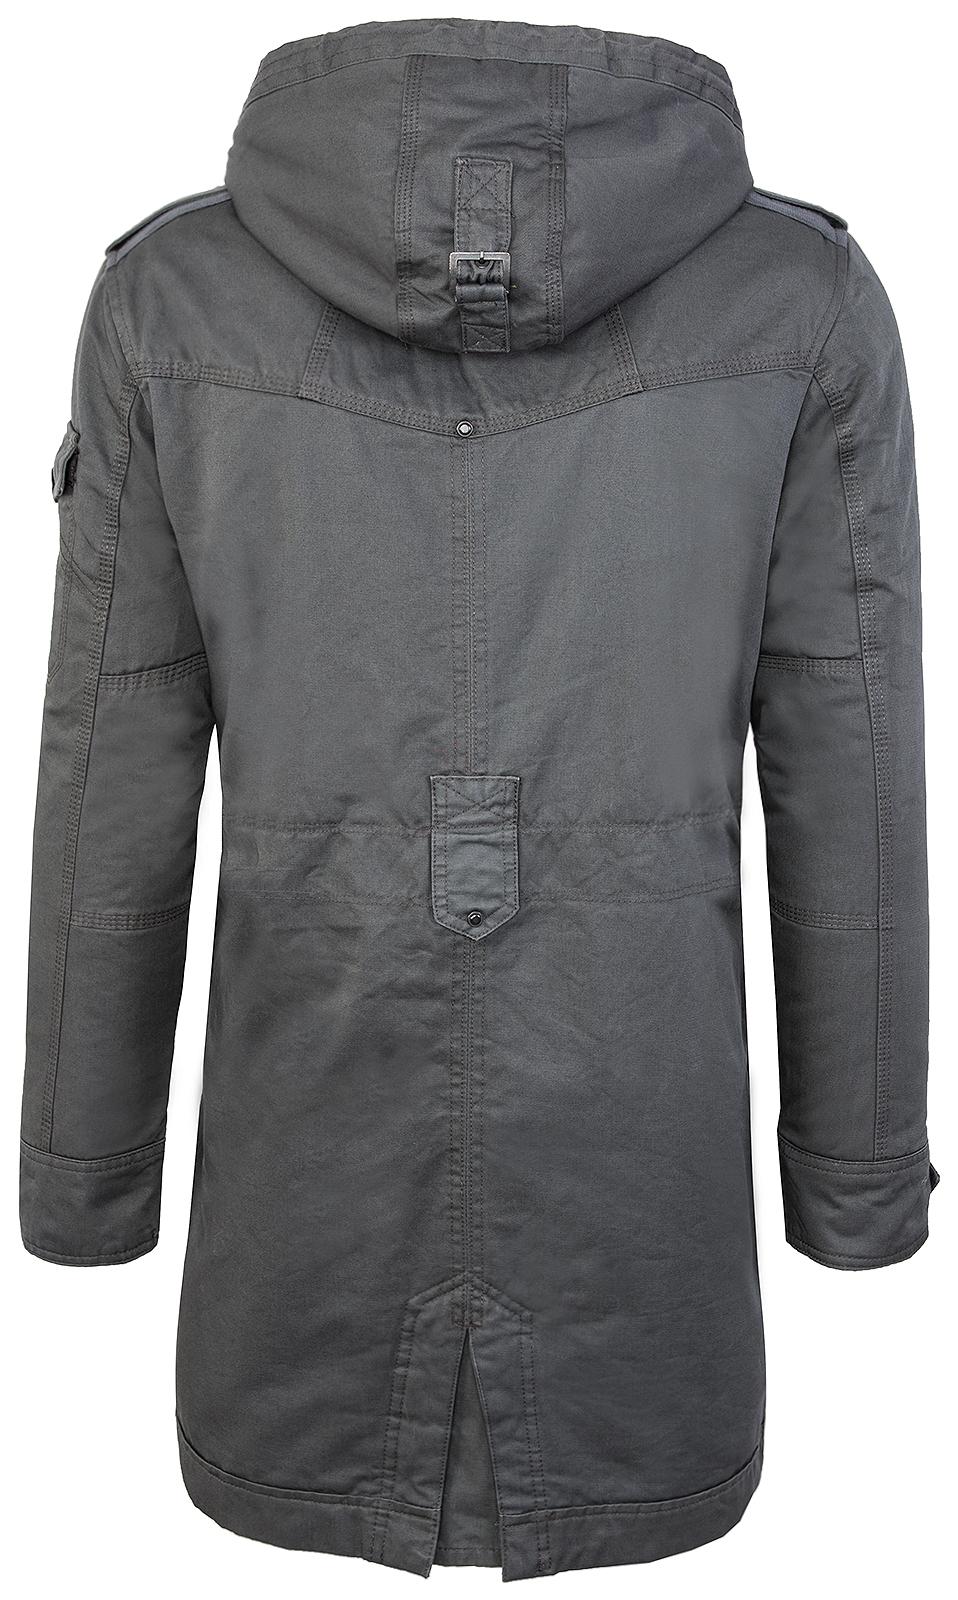 herren vintage jacke outdoor parka grau fieldjacket mantel. Black Bedroom Furniture Sets. Home Design Ideas